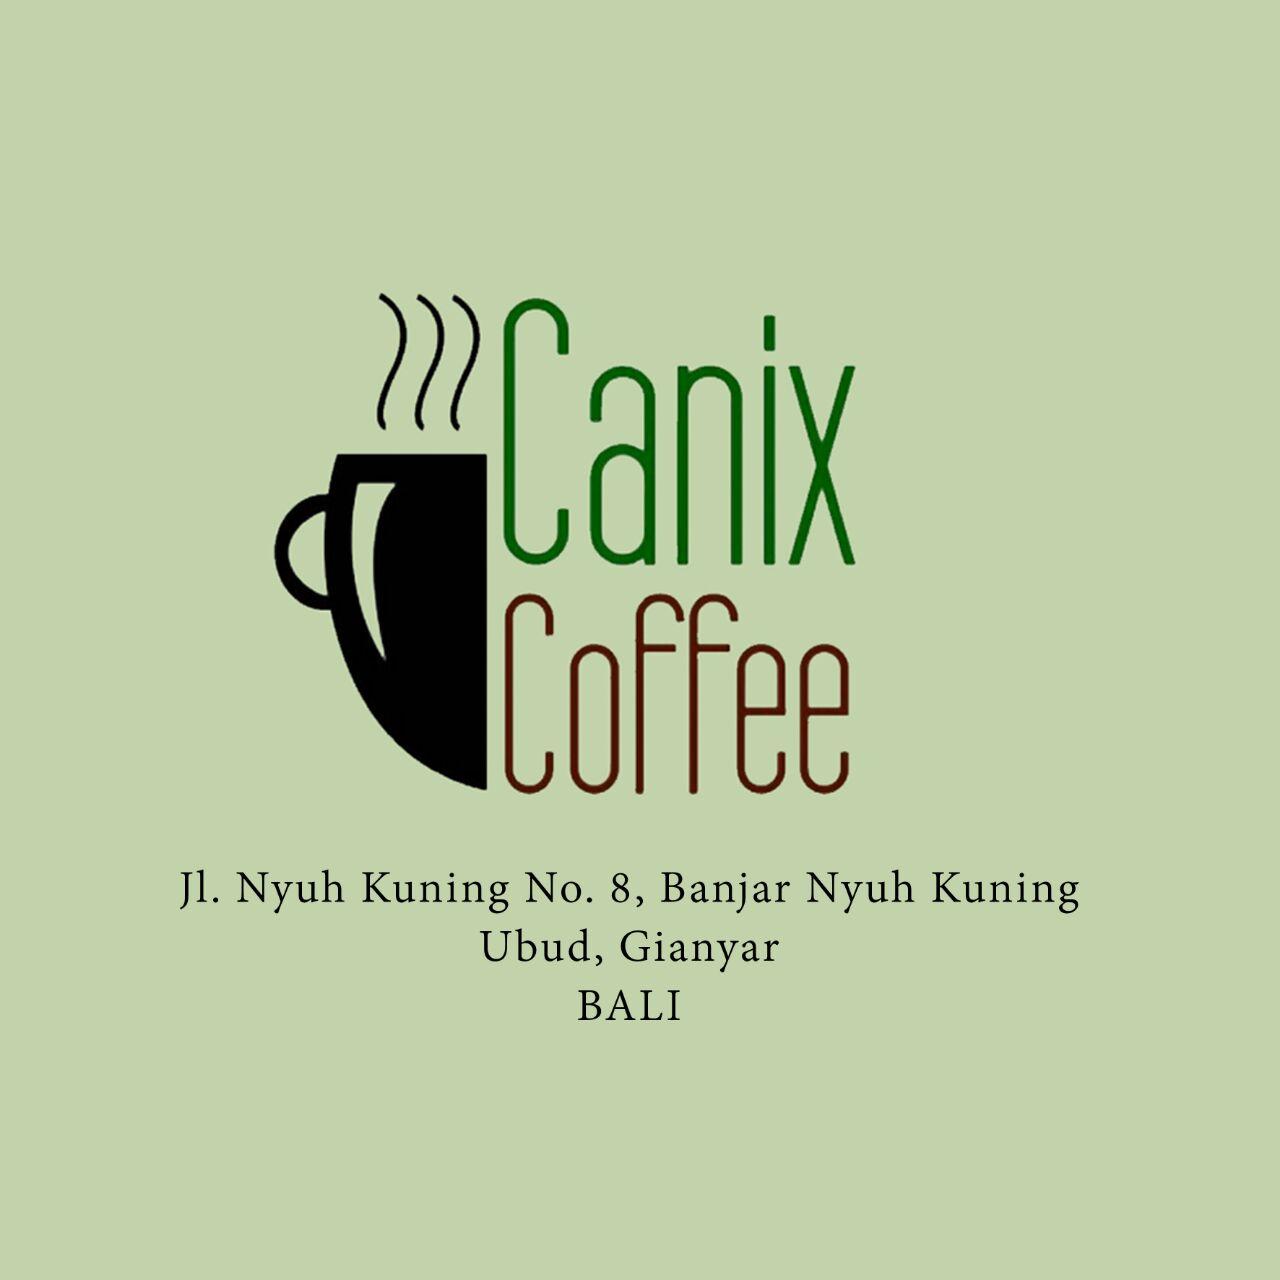 Canix Coffee Bali